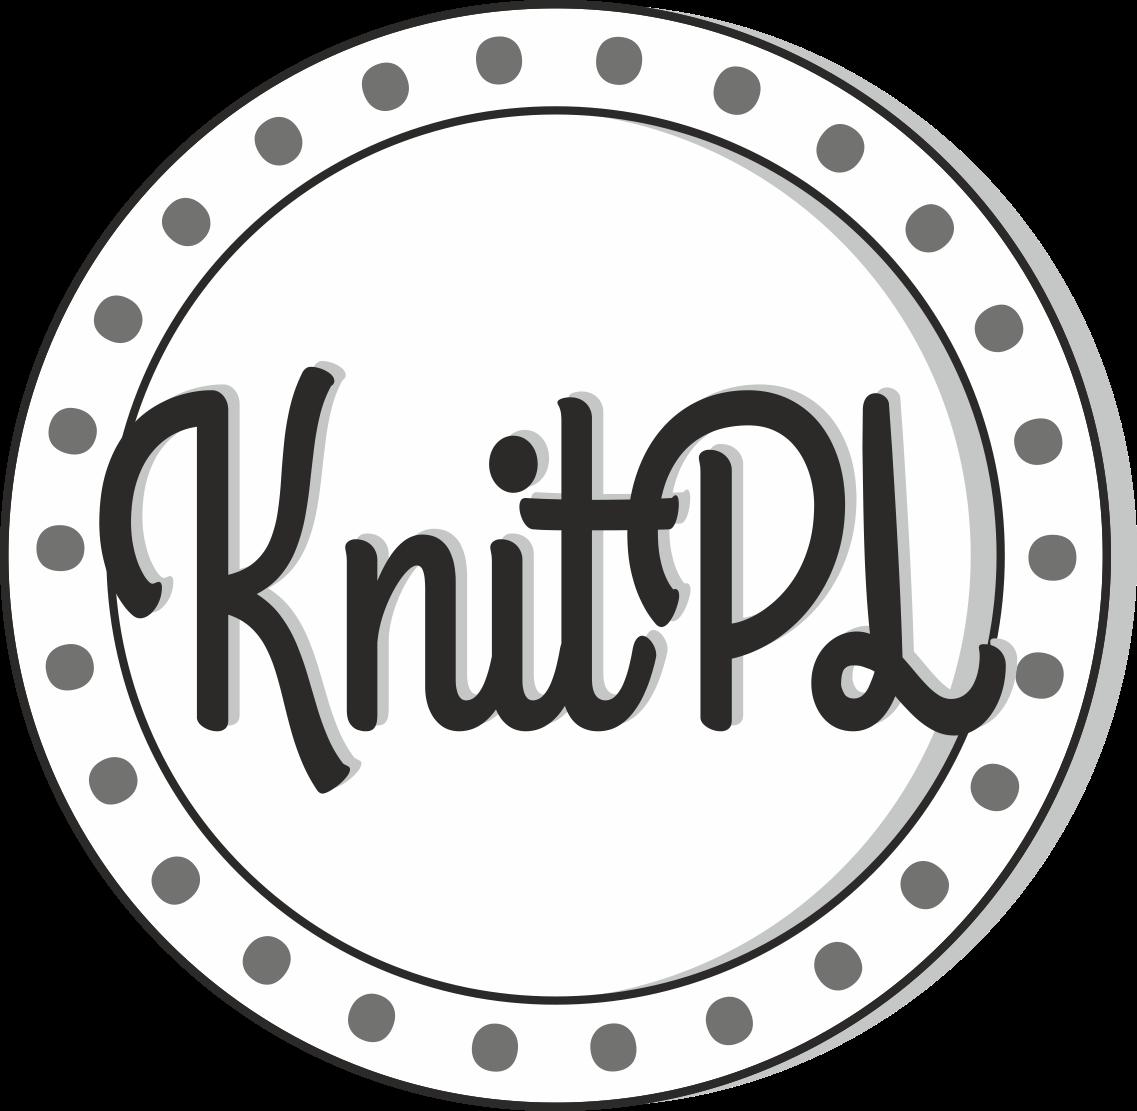 http://knitpl.com/obrecze-dziewiarskie/